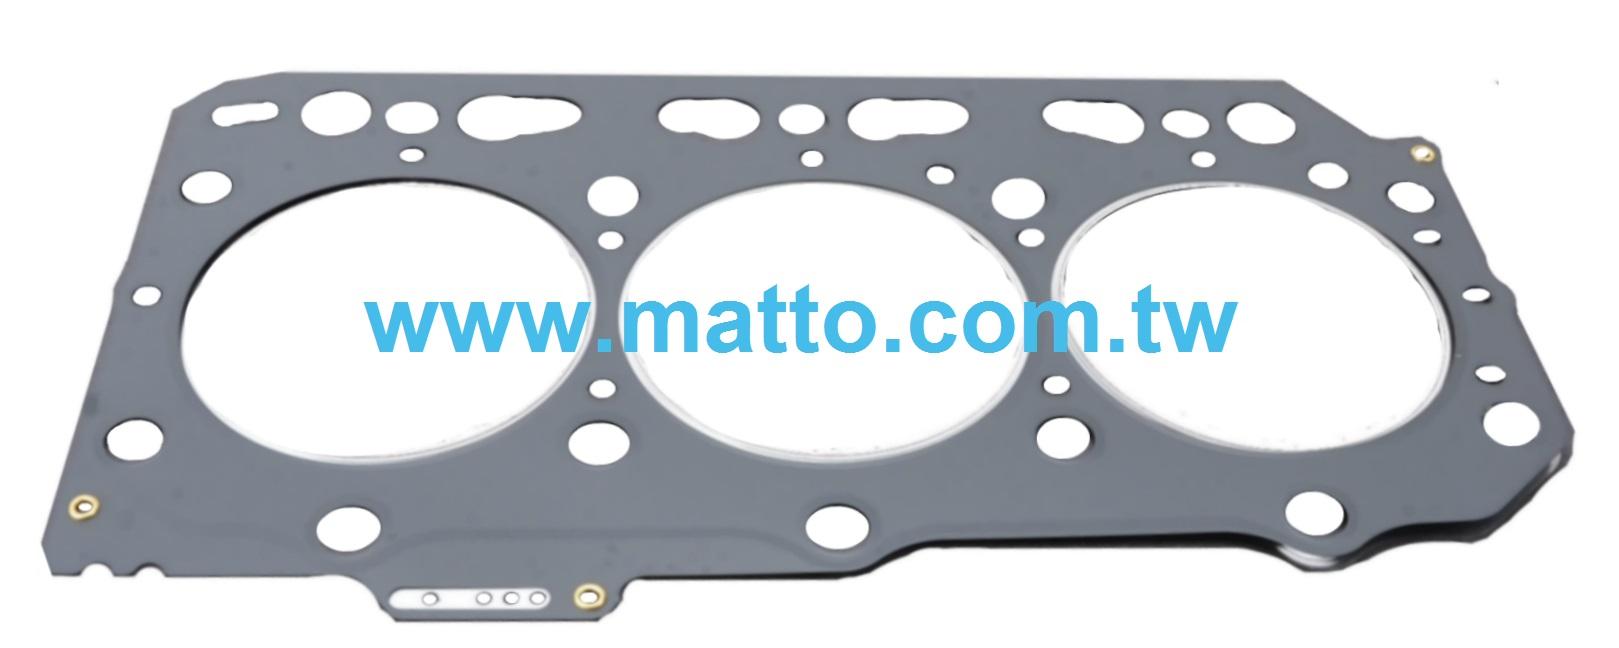 Yanmar 3TNE84//3TNV84 Diesel 84mm Head Gasket 129002-01331 12900201331 Y12900201331 New Parts